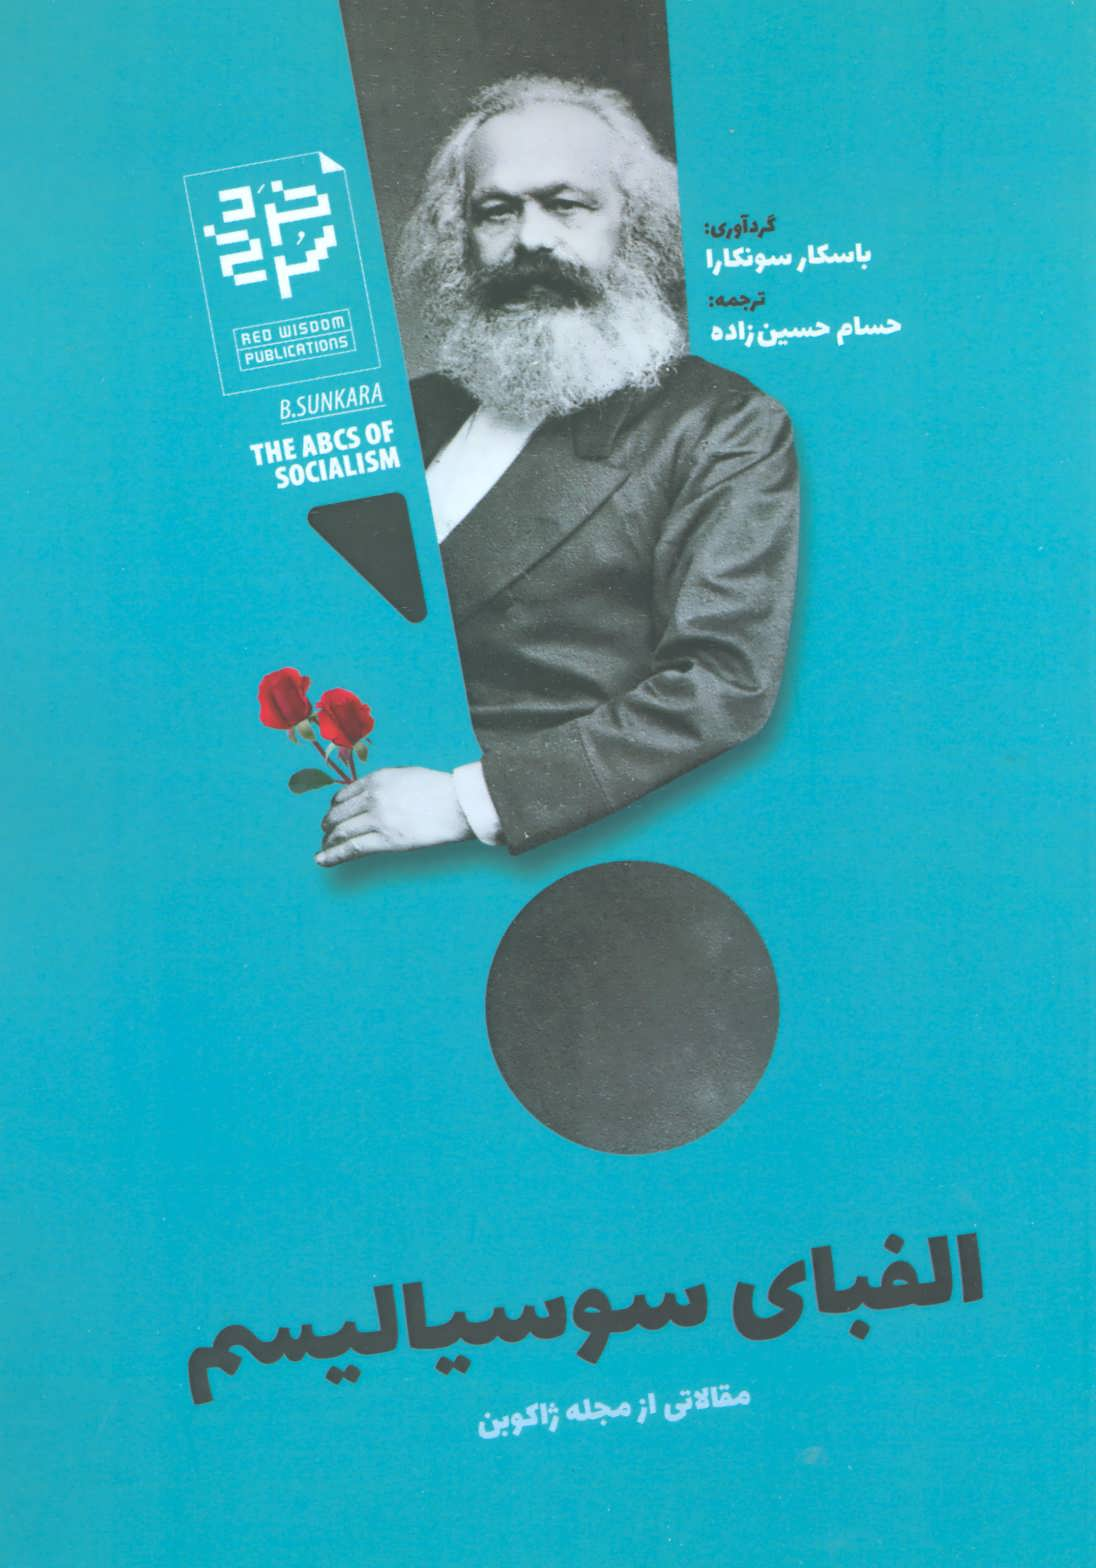 الفبای سوسیالیسم (مقالاتی از مجله ژاکوبن)